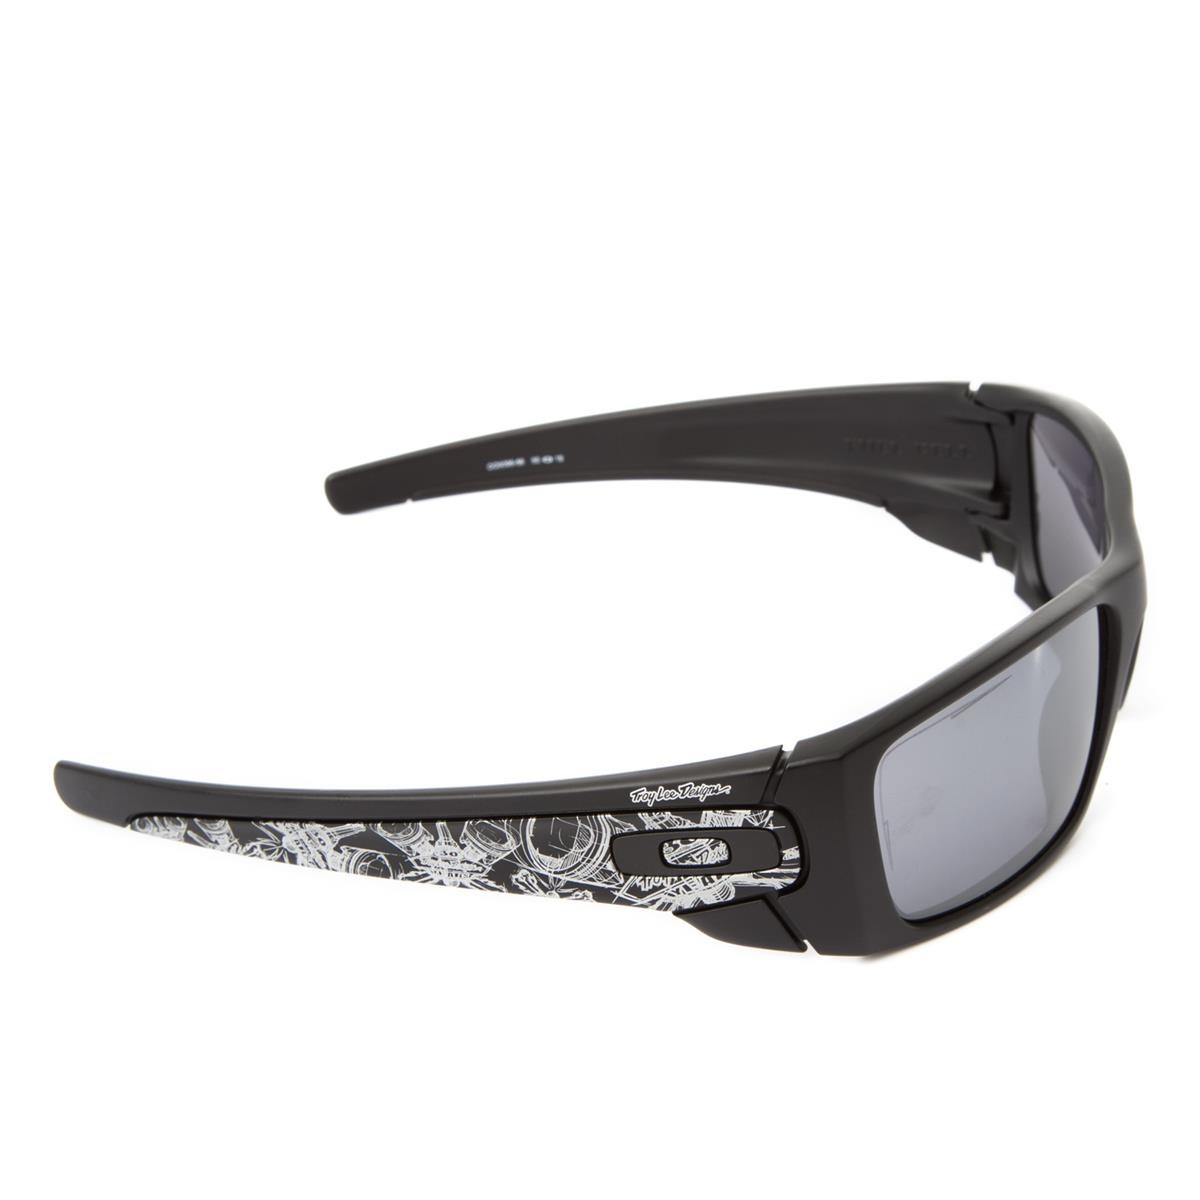 oakley fuel cell imro  oakley fuel cell sunglasses troy lee designs